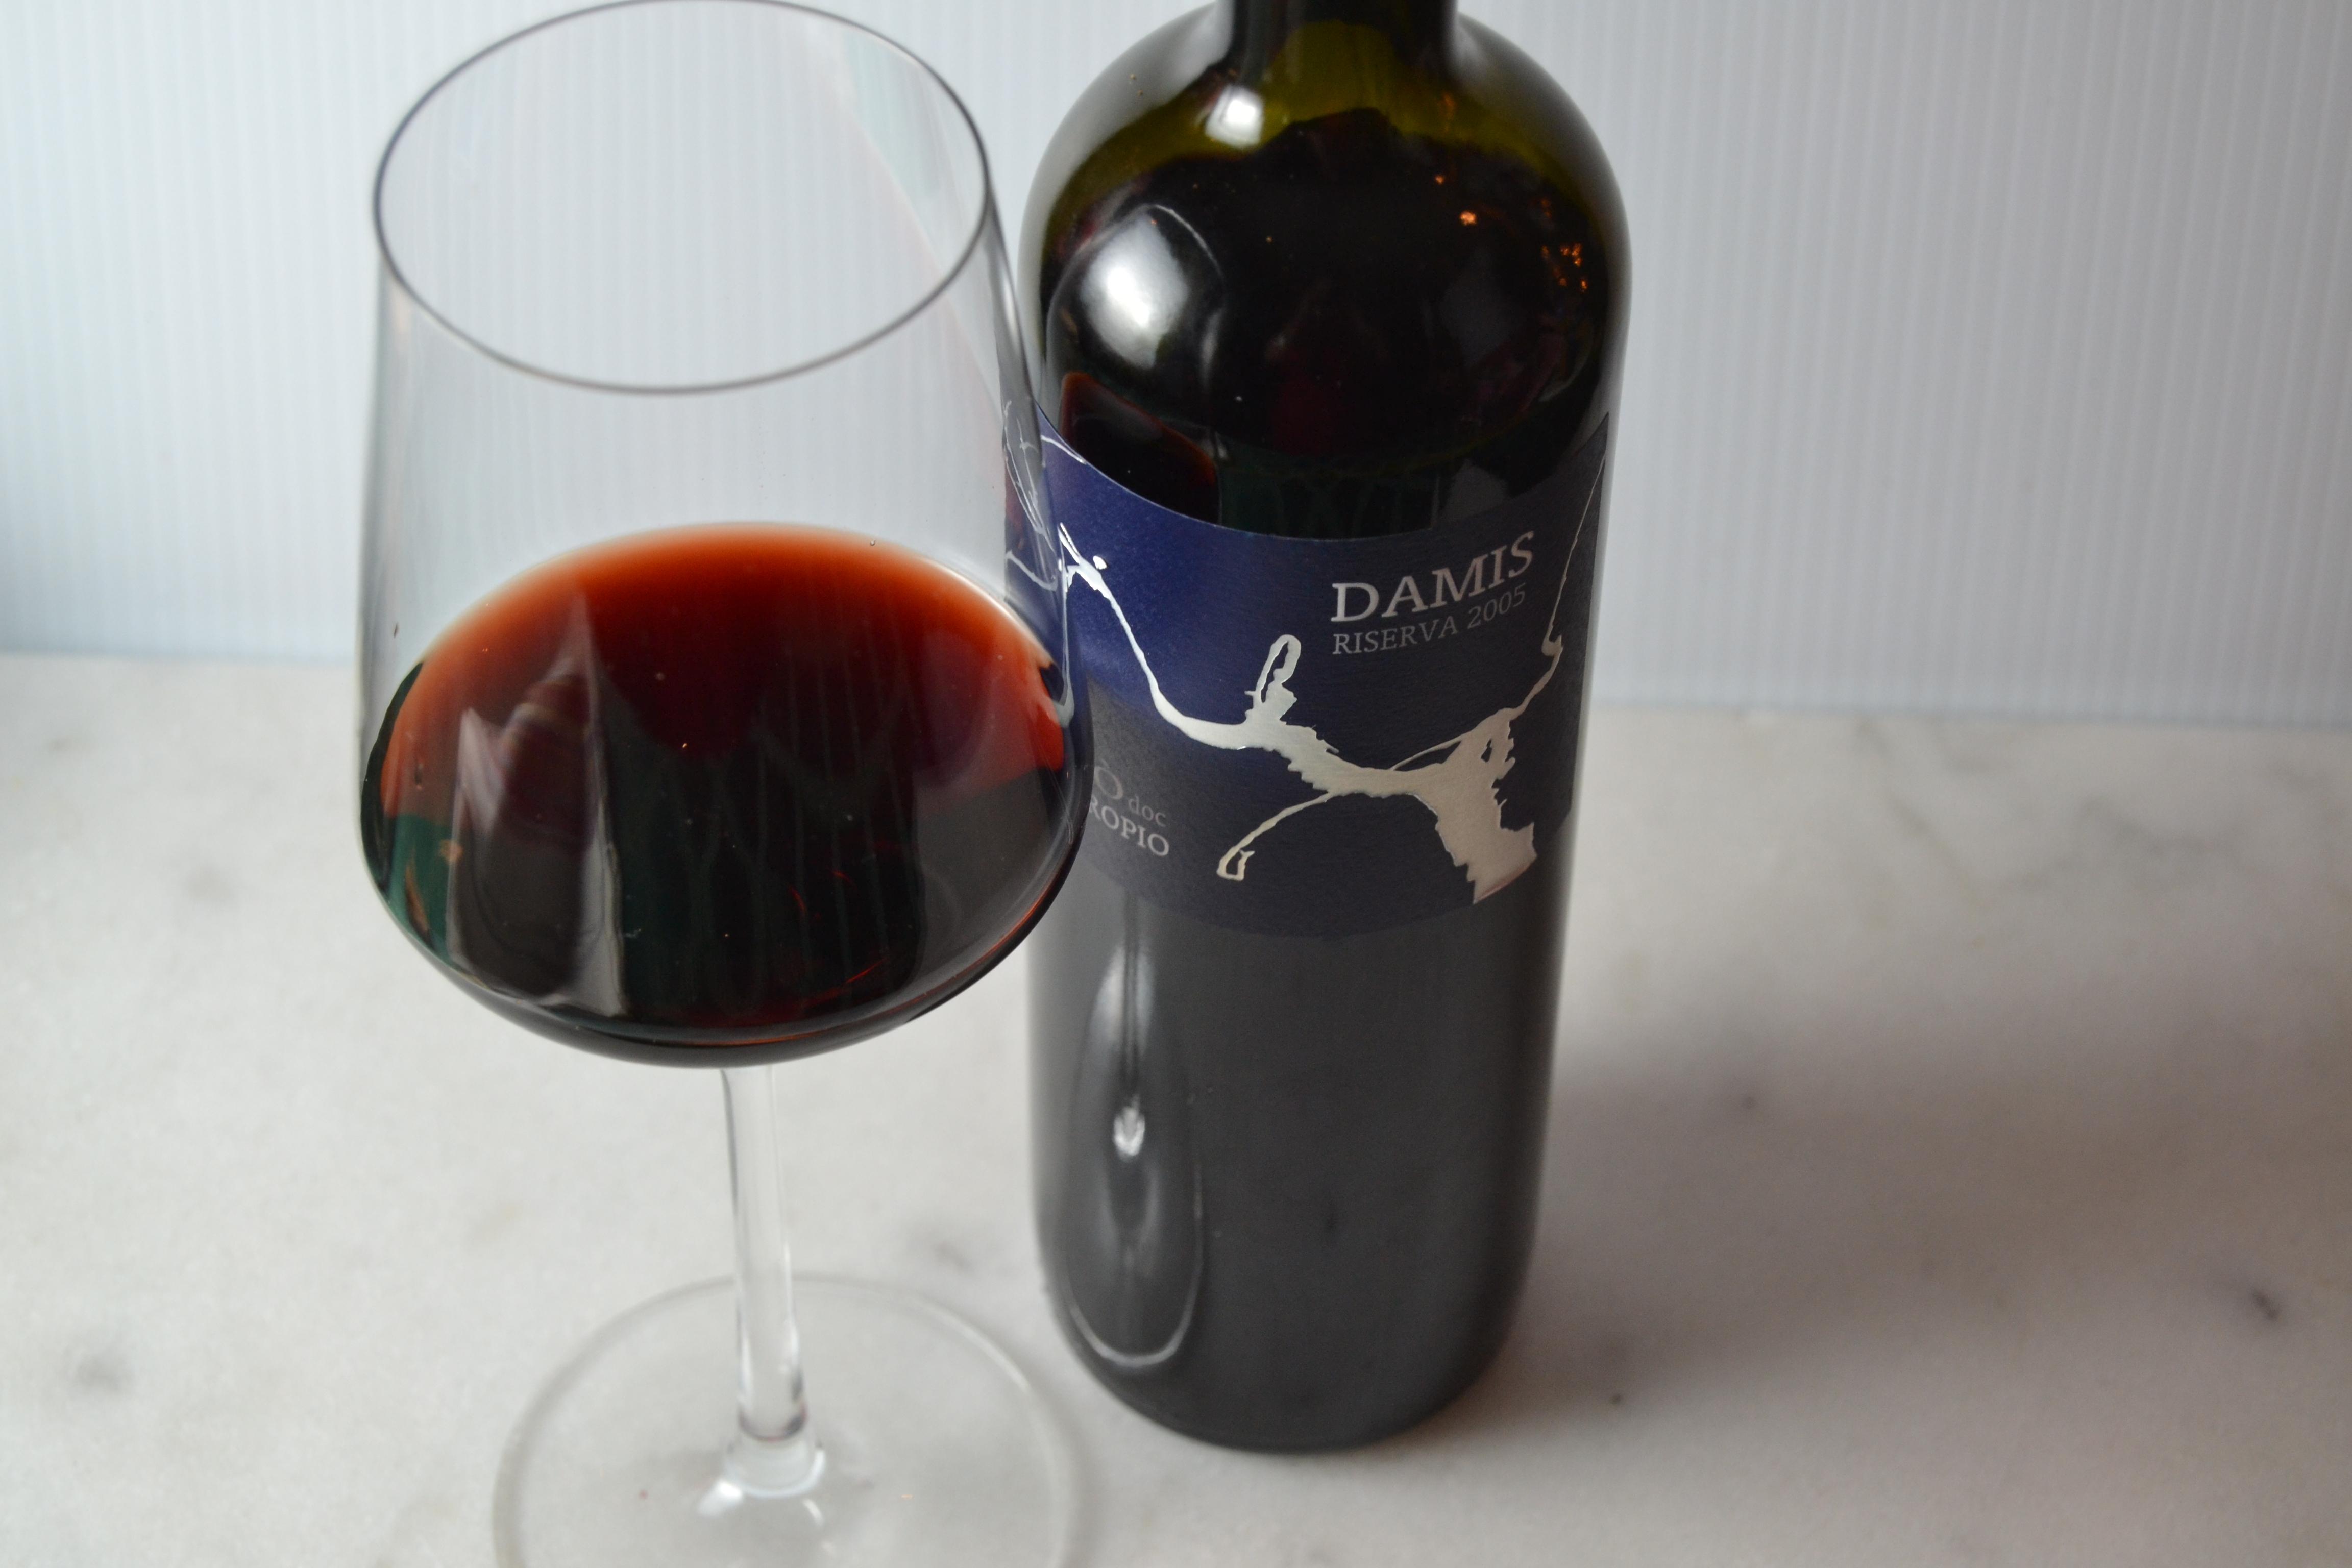 2005 Damis Riserva Ciro doc Du Cropio